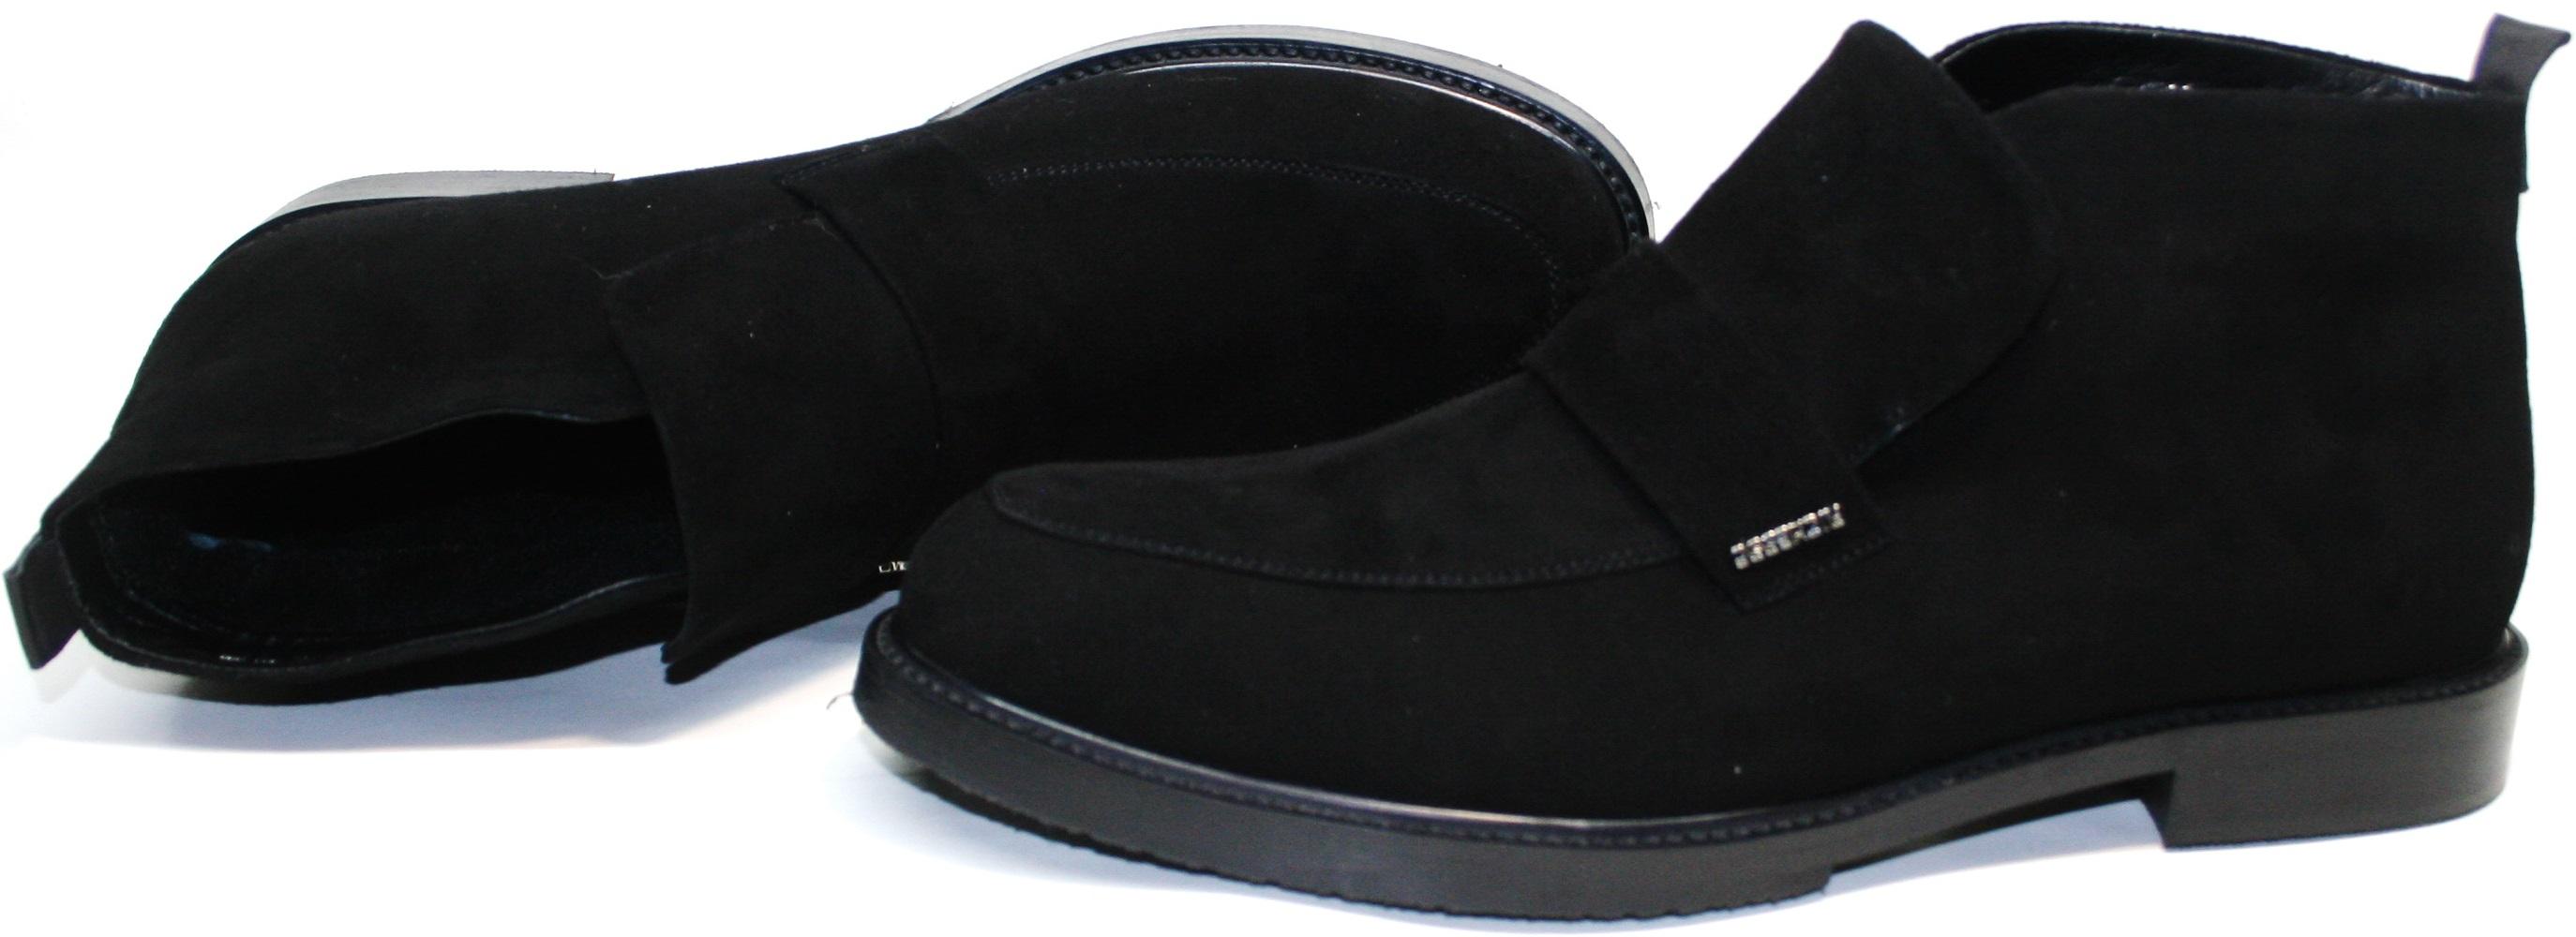 Модные мужские ботинки Ричессе